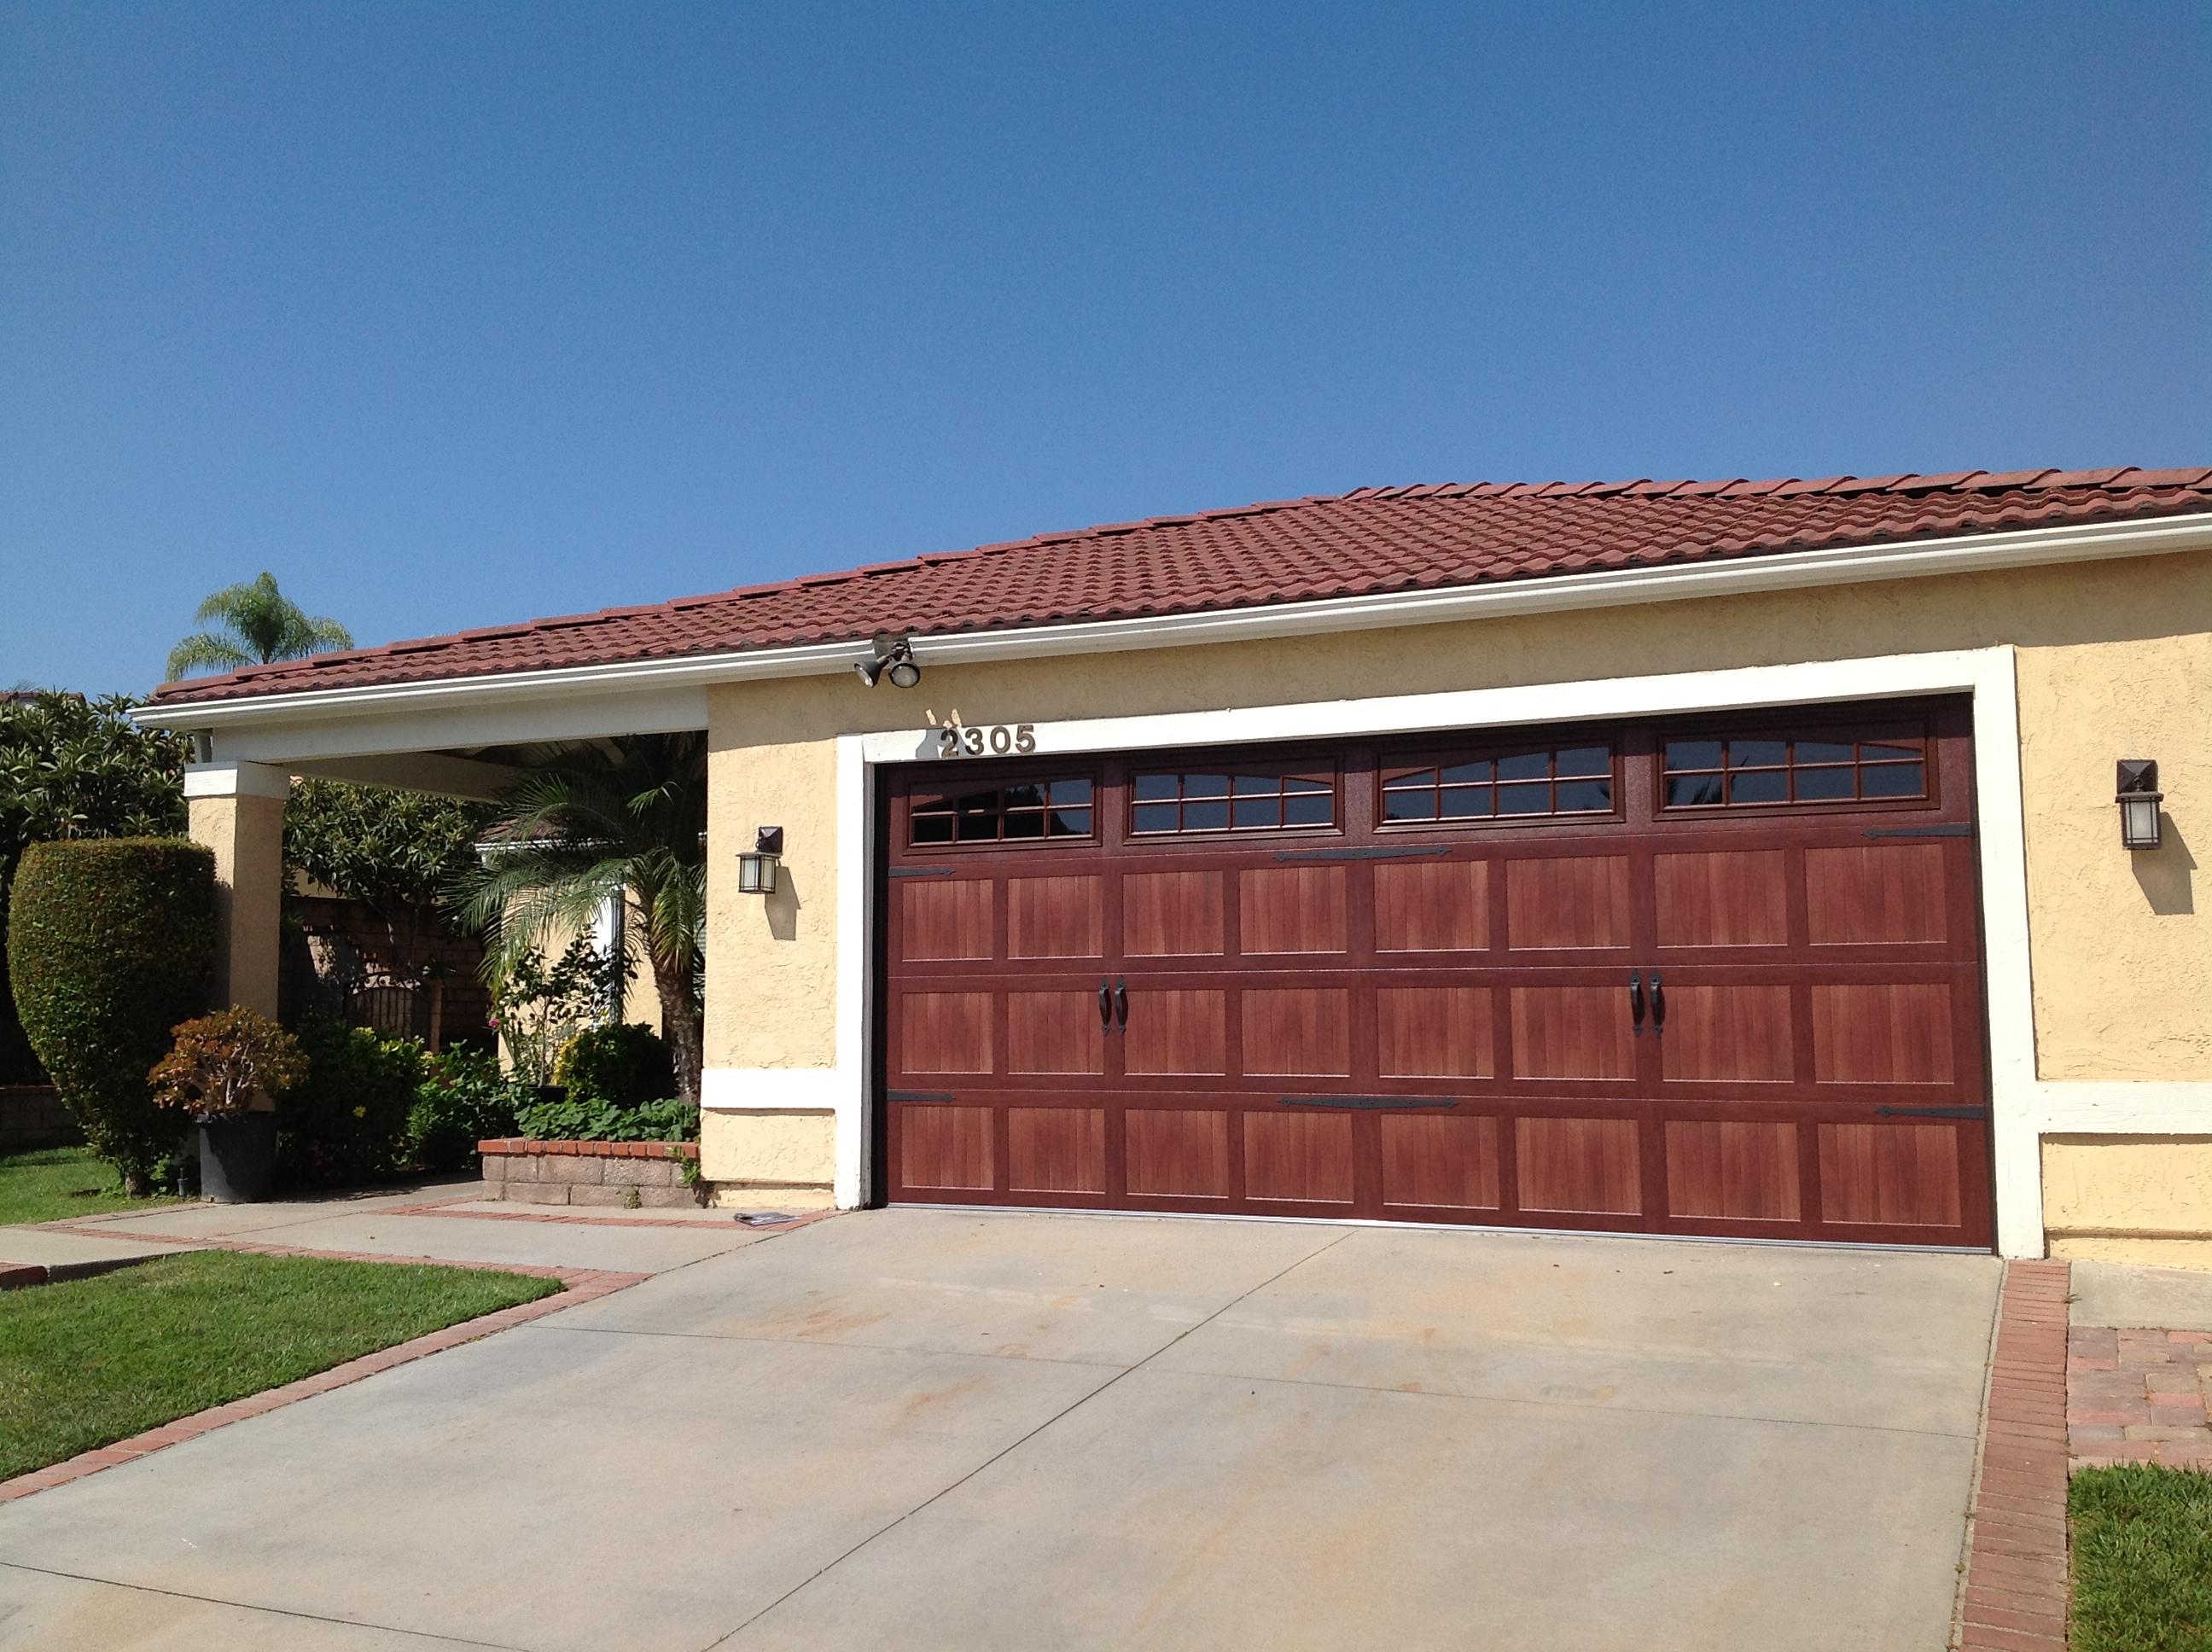 1936 #3B6390 CHI Accent Mahogany Door 1garagedoor picture/photo Chi Residential Garage Doors 36292592